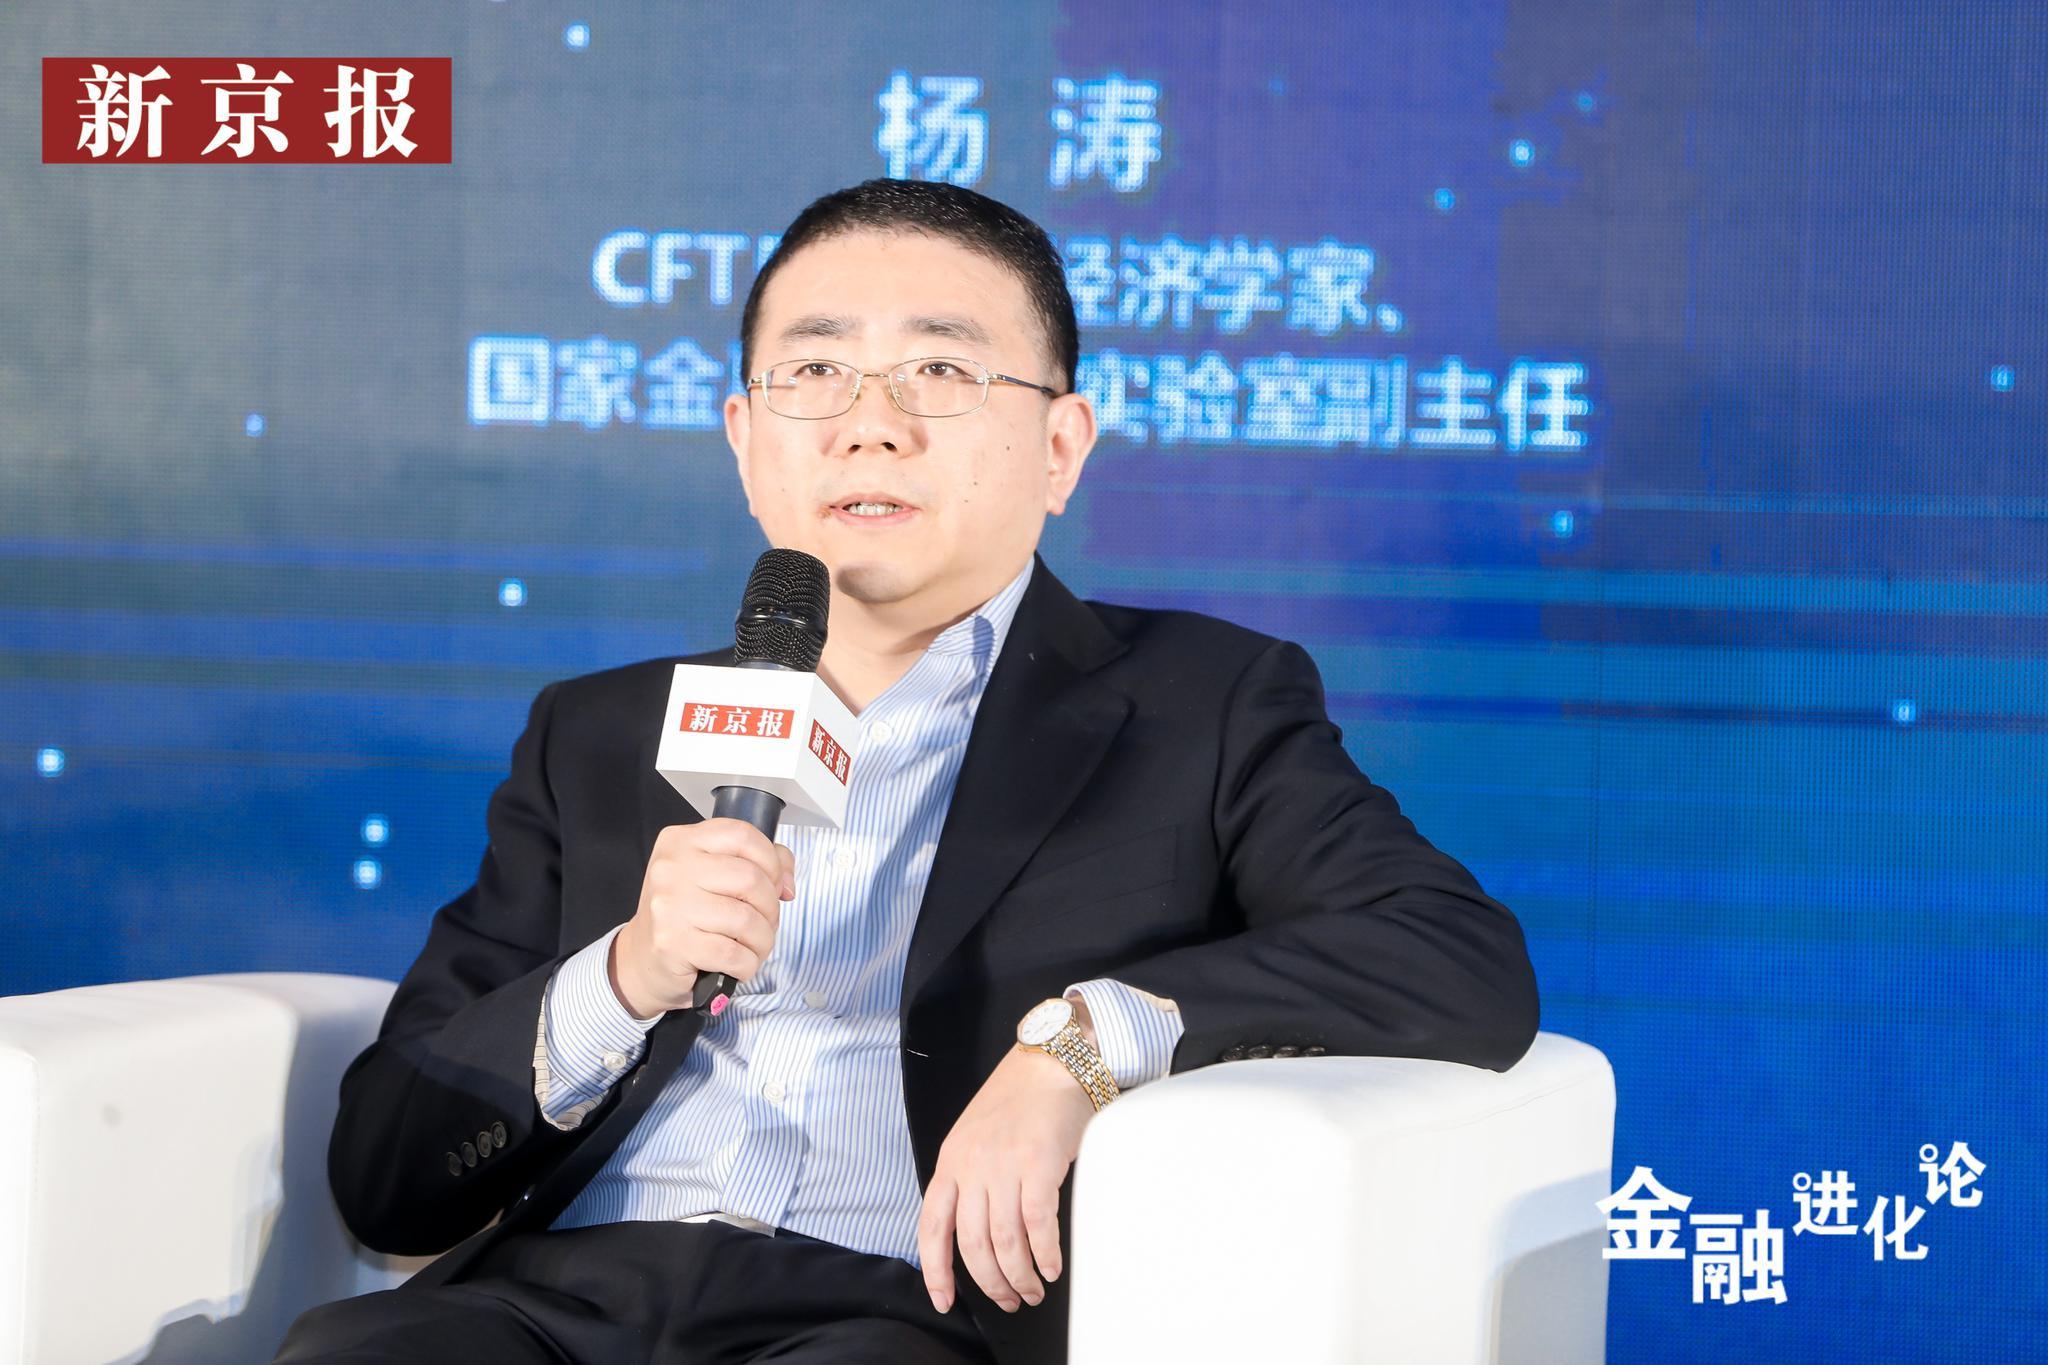 陈雨露:扩大金融业开放有助于建立健全金融制度规则